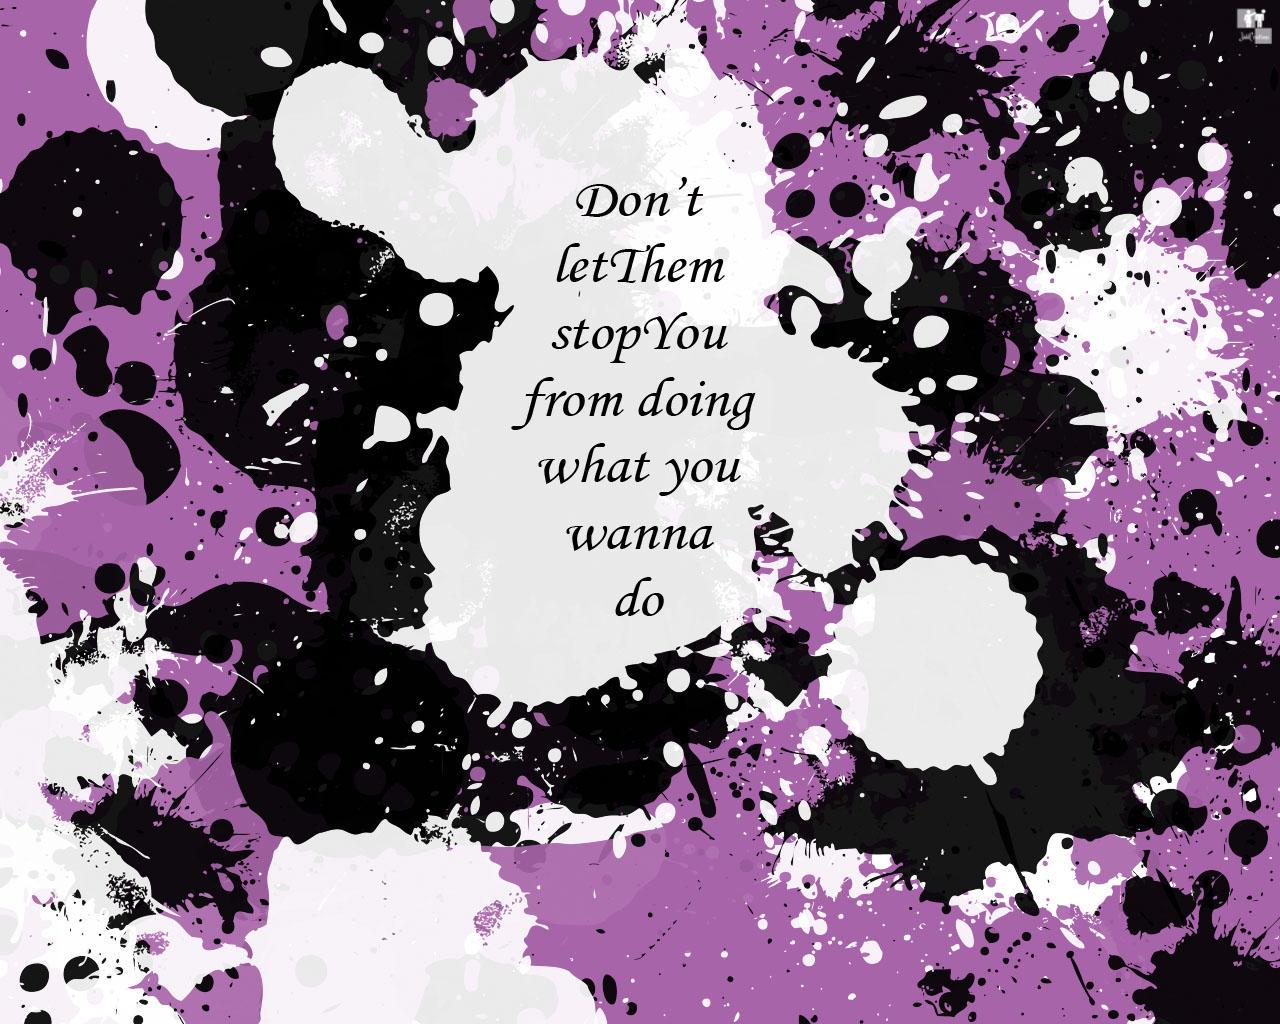 What ya wanna do? by JCADDICTION